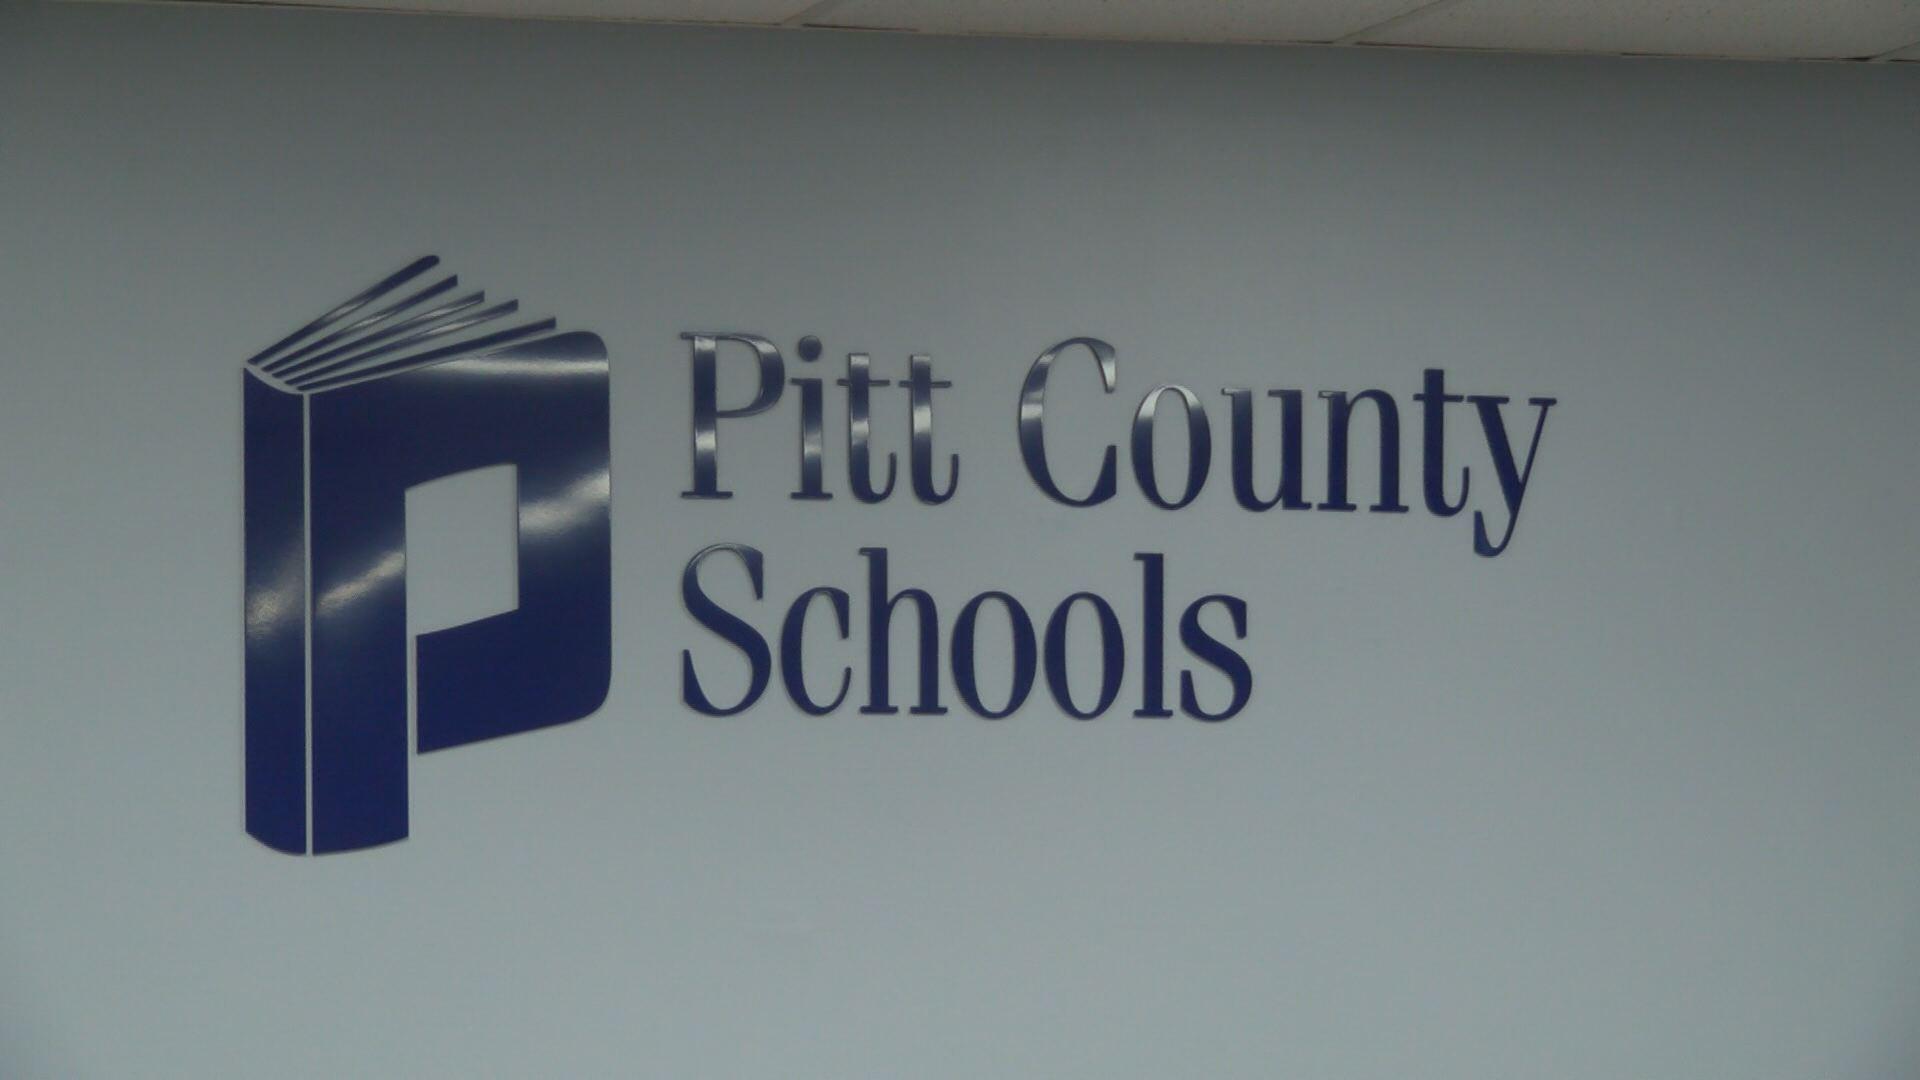 PITT COUNTY SCHOOLS BUDGET REAX_227319